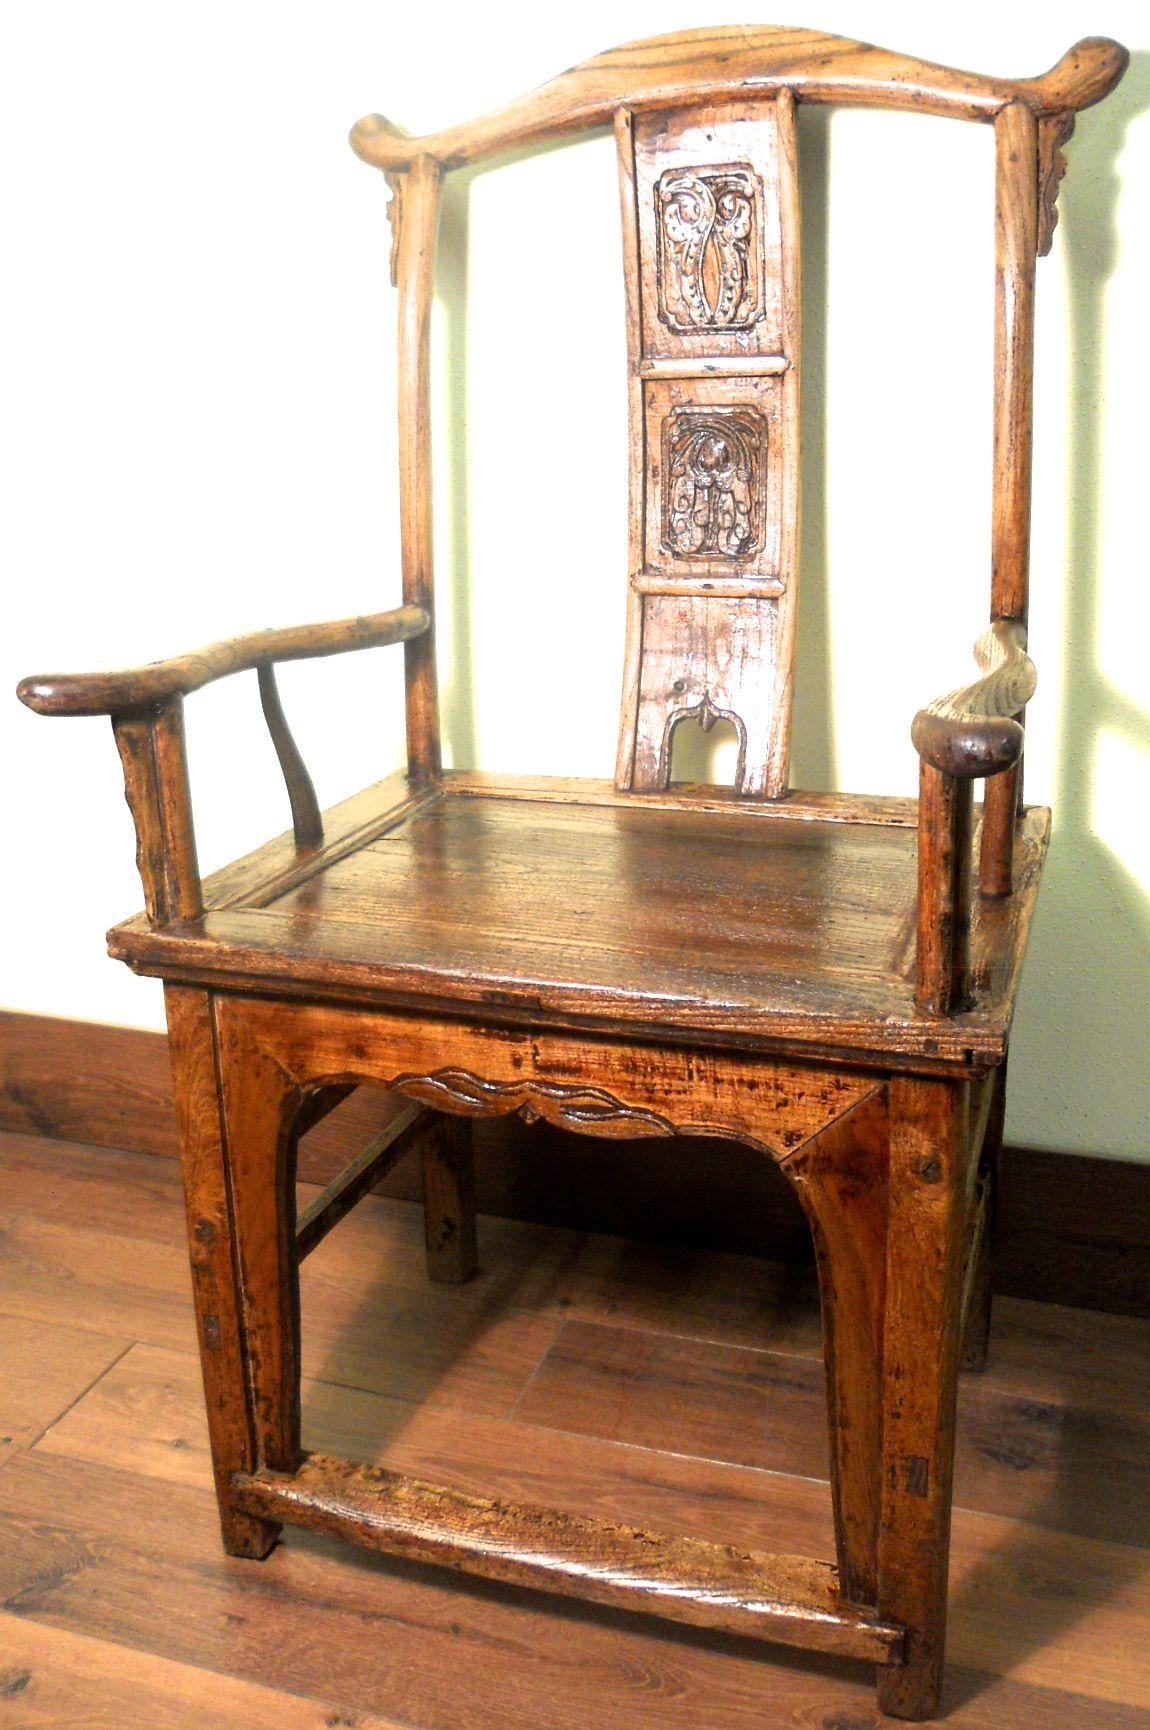 Antique Chinese High Back Arm Chair 5503 Circa 1800